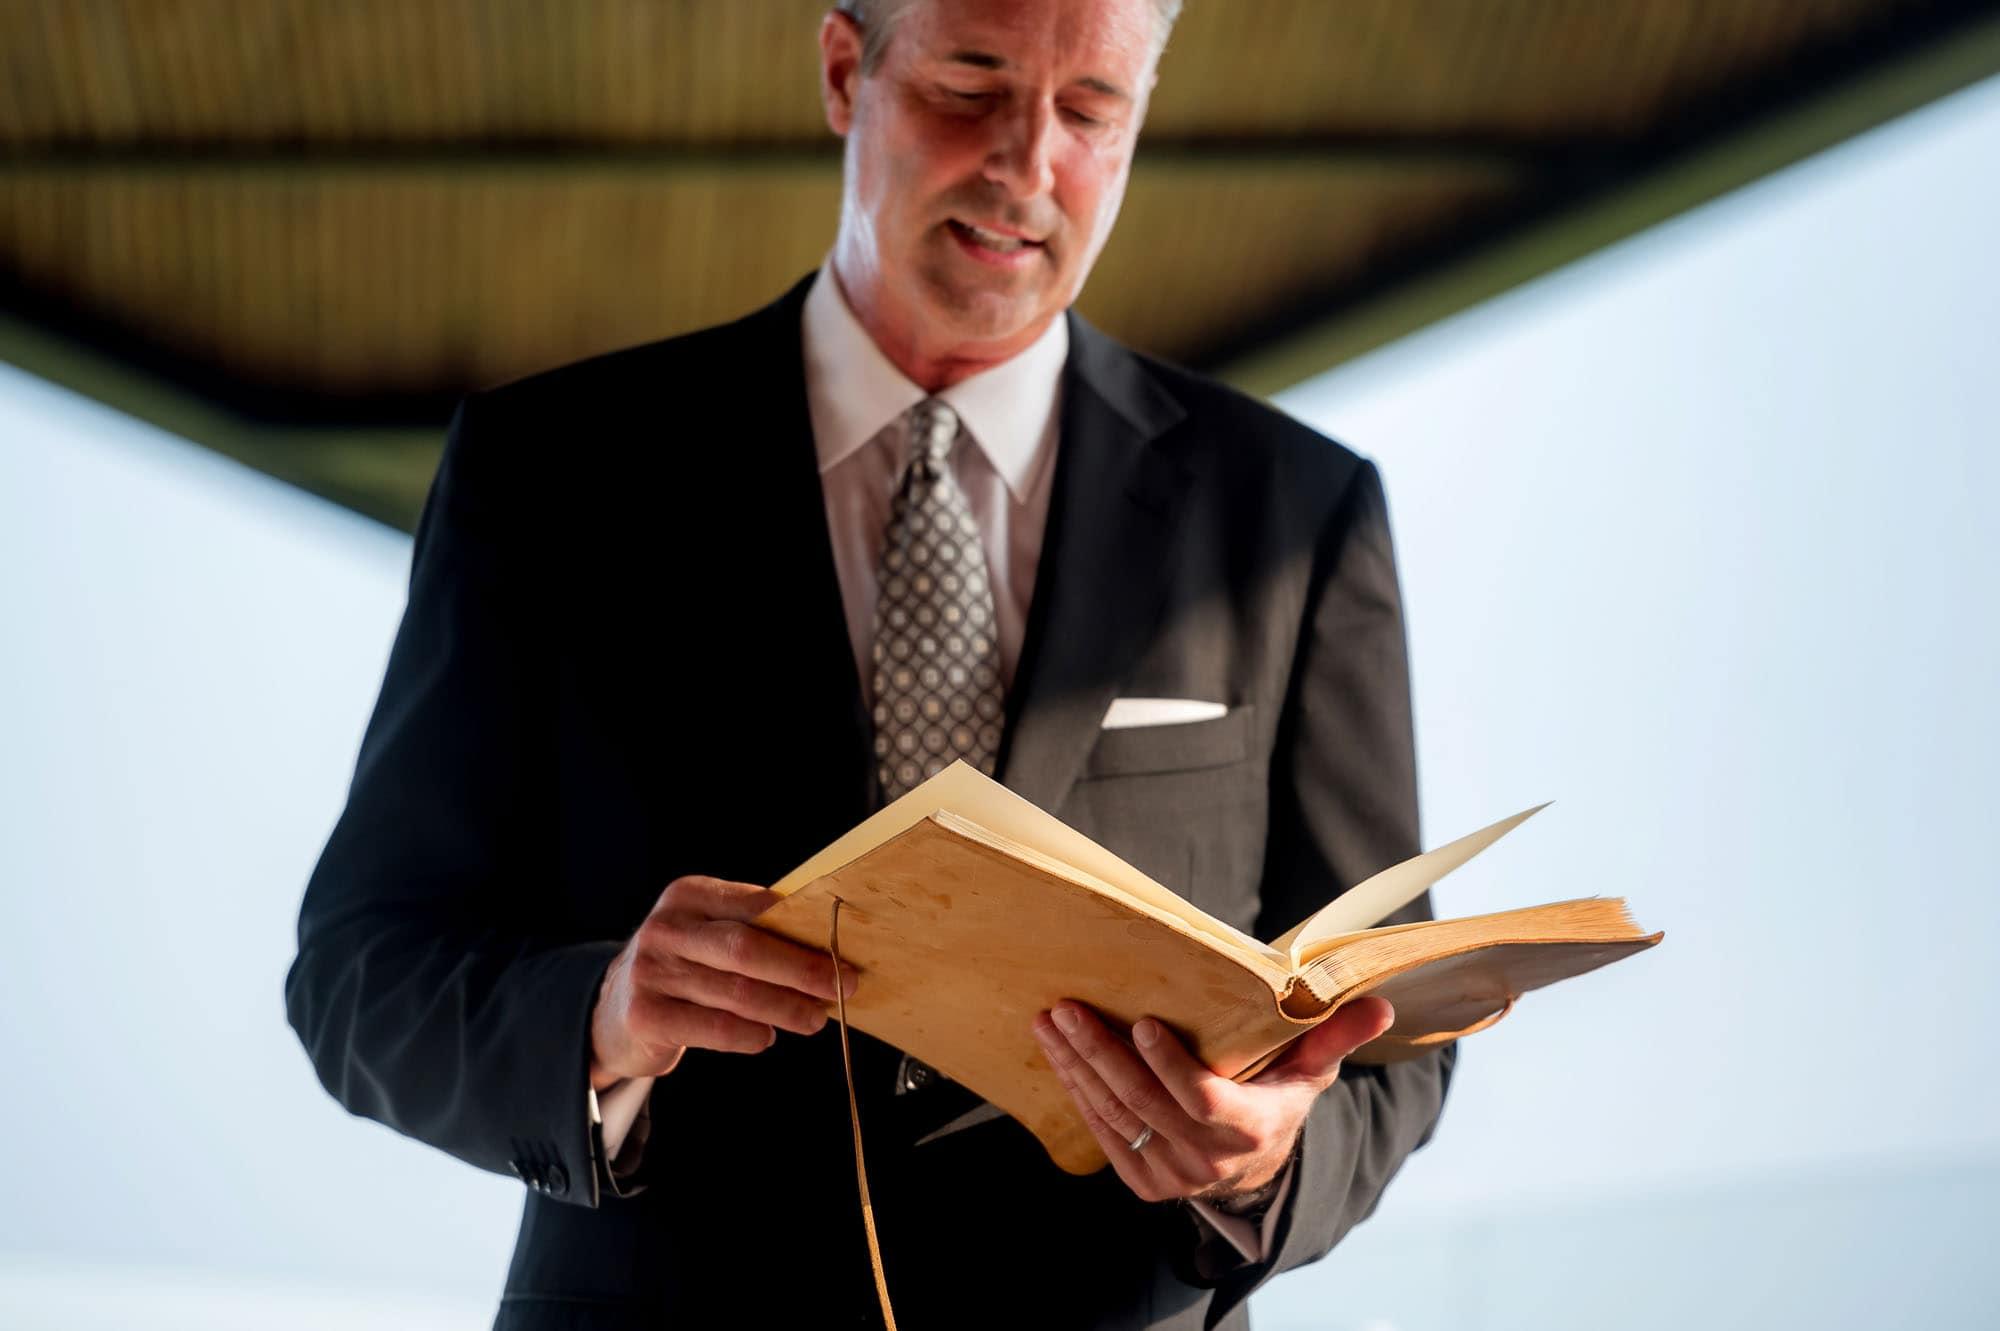 Matt's dad as the officiant